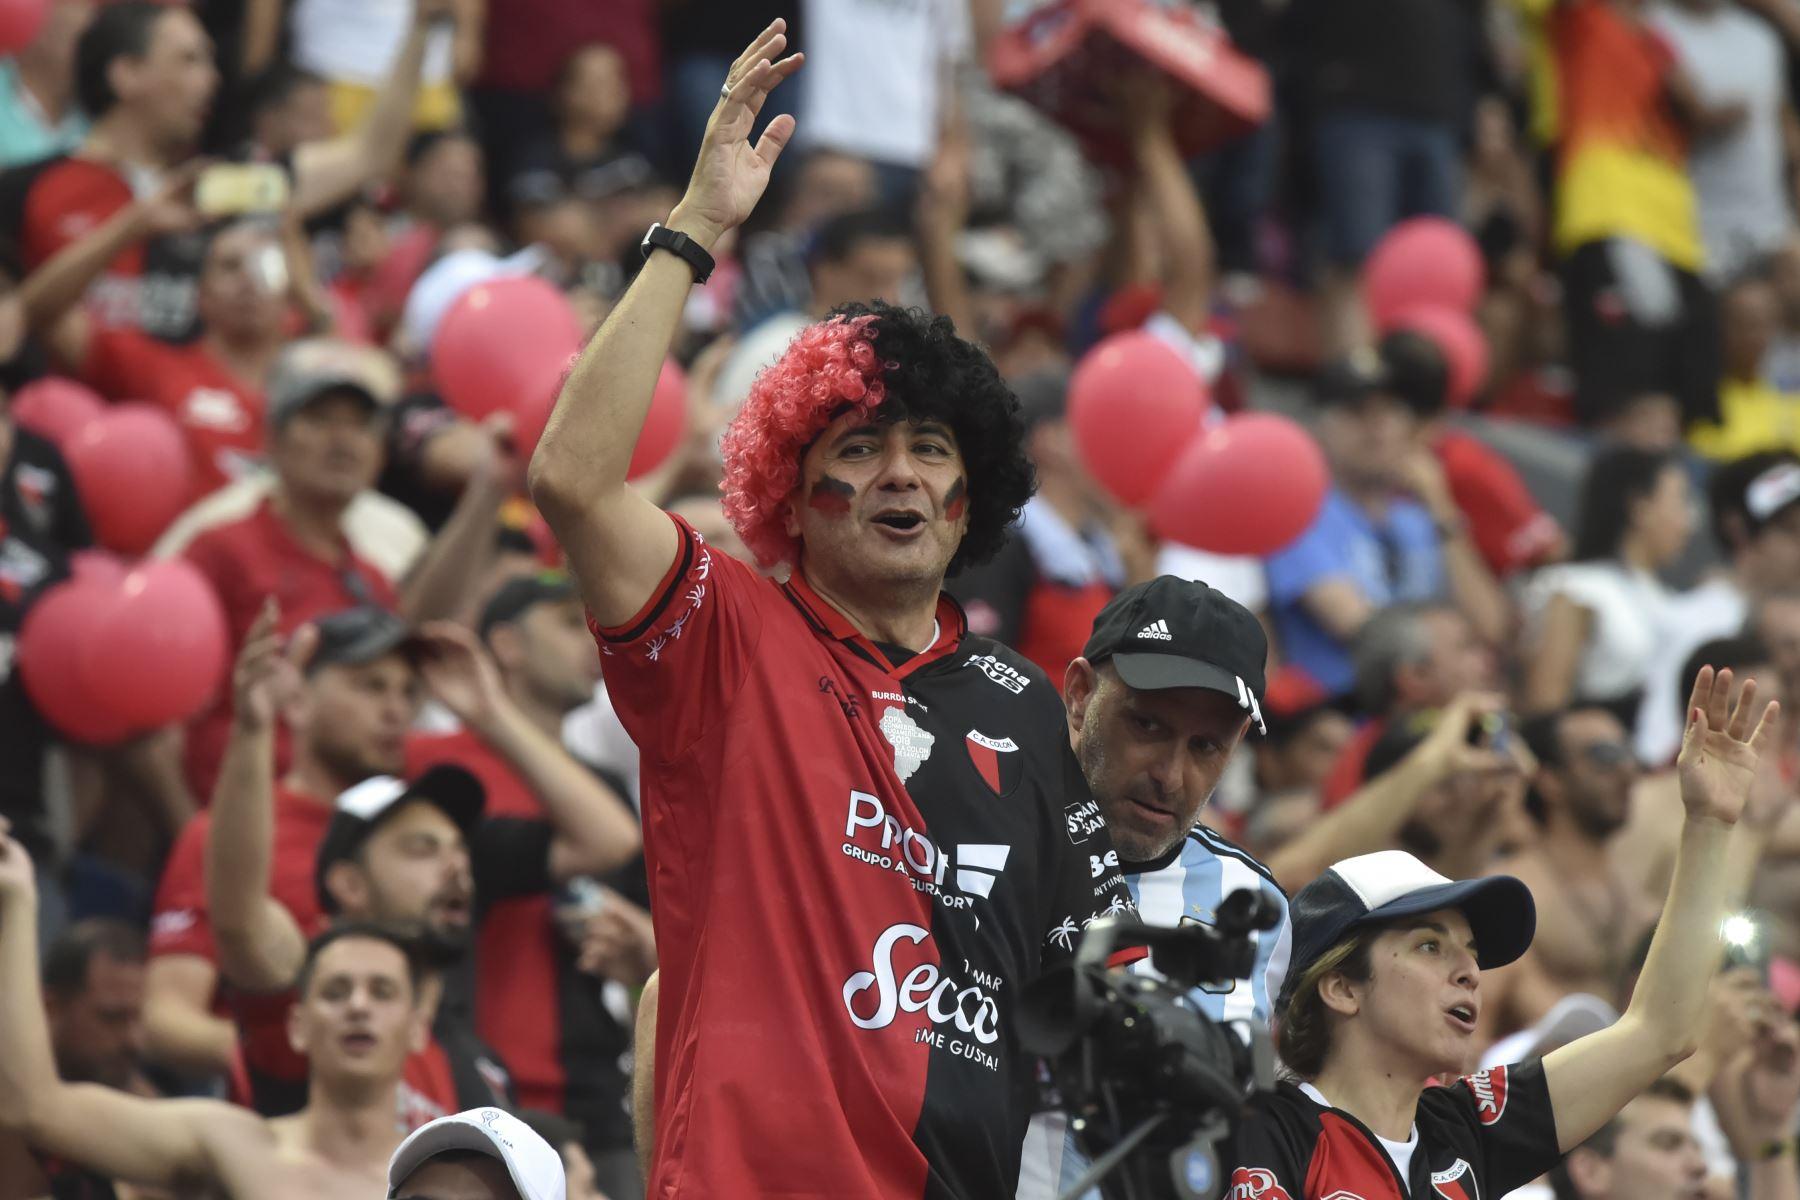 Los fanáticos del equipo argentino Colón de Santa Fe aplauden antes del inicio de la final de la Copa Sudamericana de fútbol contra el Independiente del Valle de Ecuador. Foto:AFP